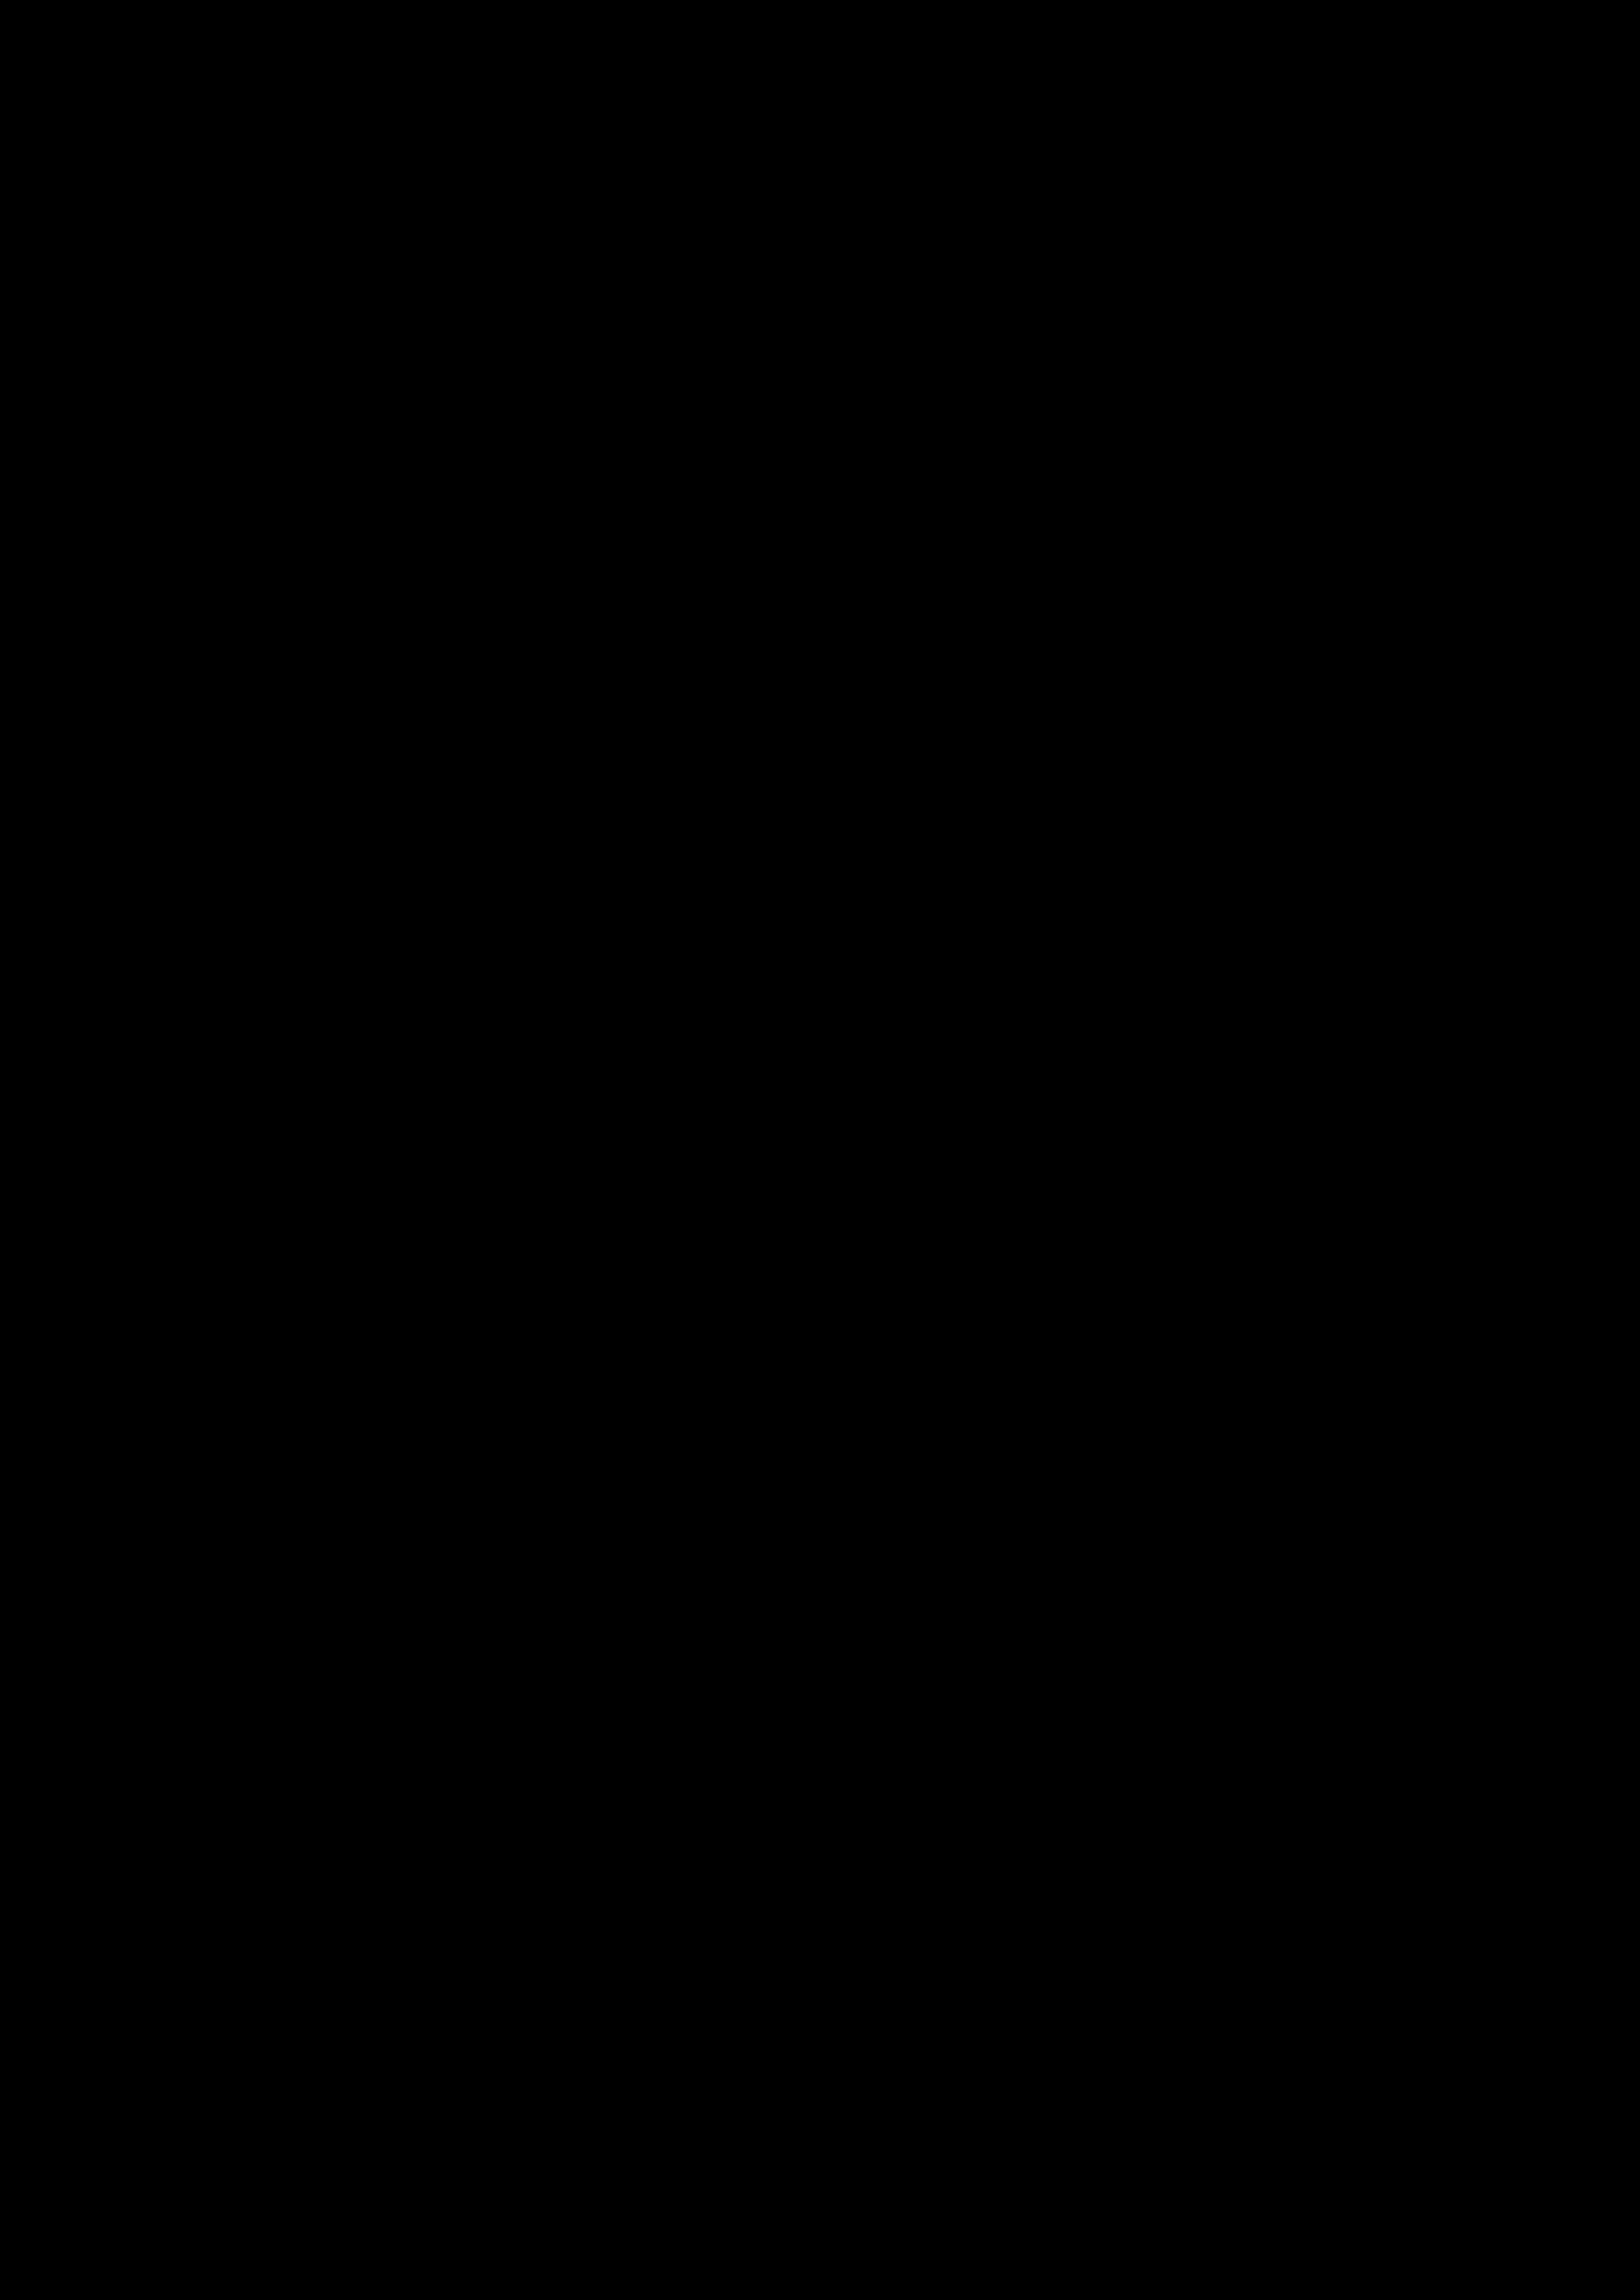 映画『山中静夫氏の尊厳死』試写会